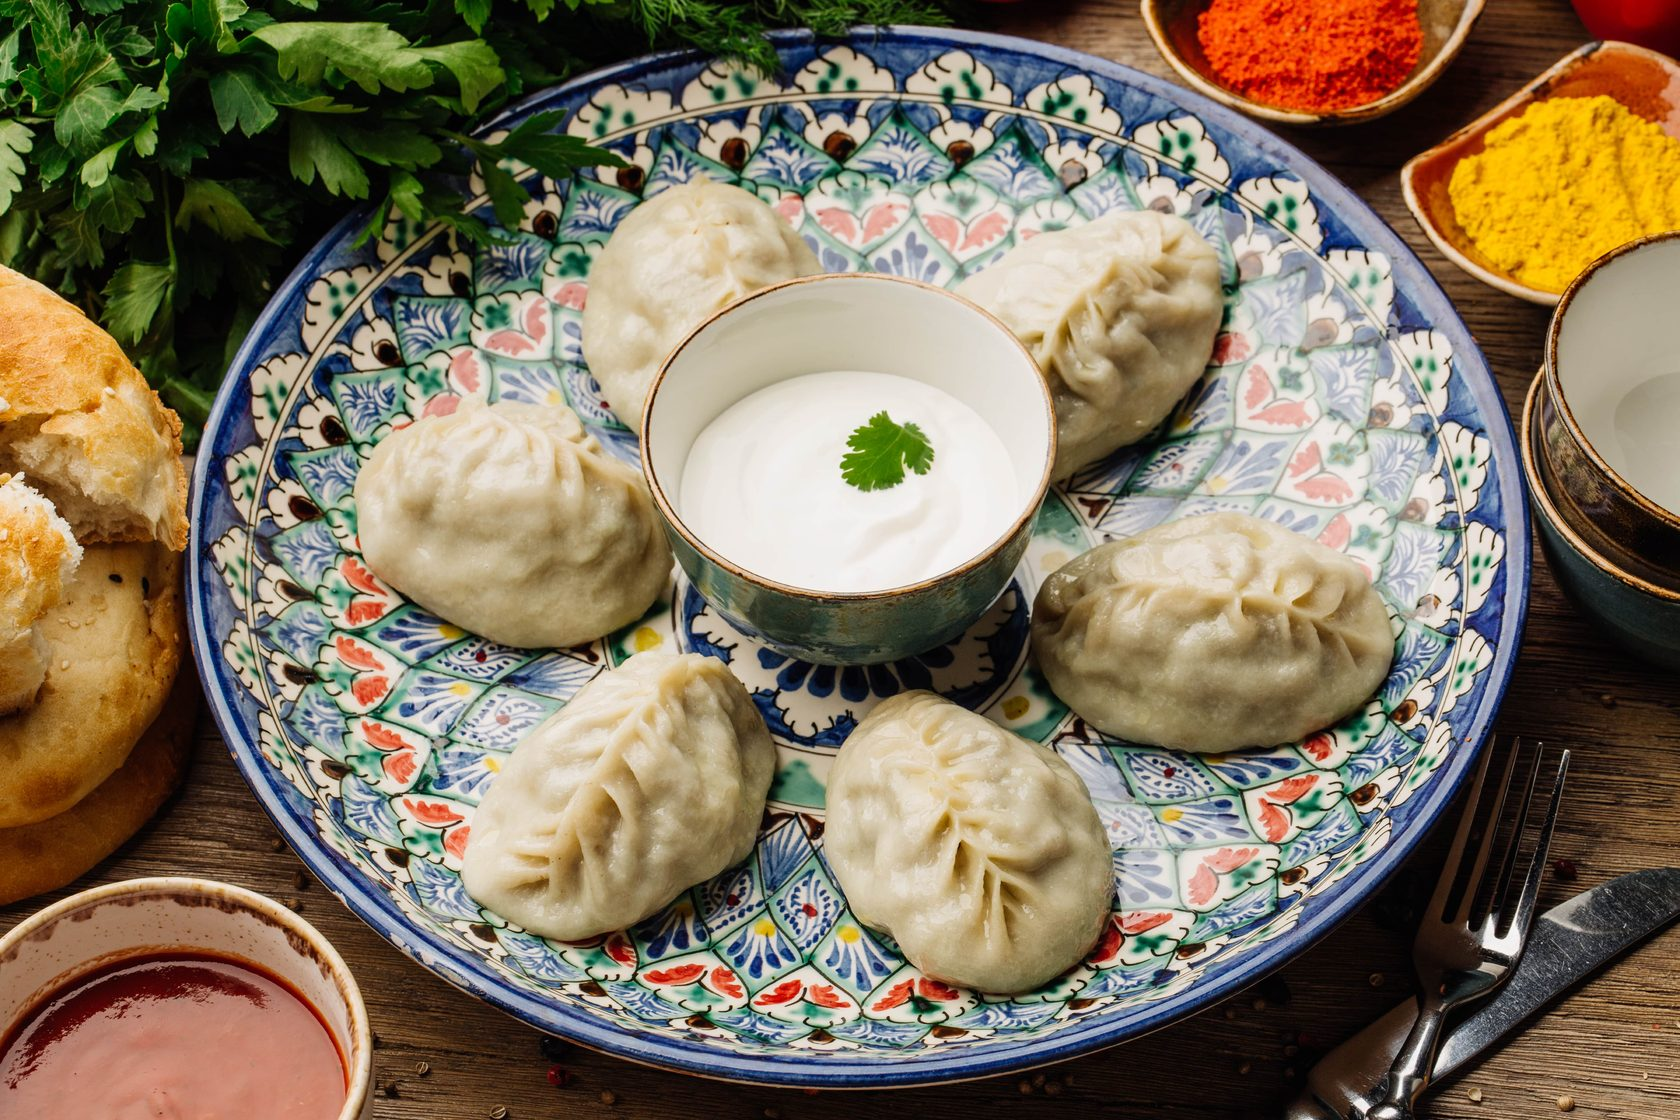 день восточная кухня рецепты с фото вторые этого фотографии